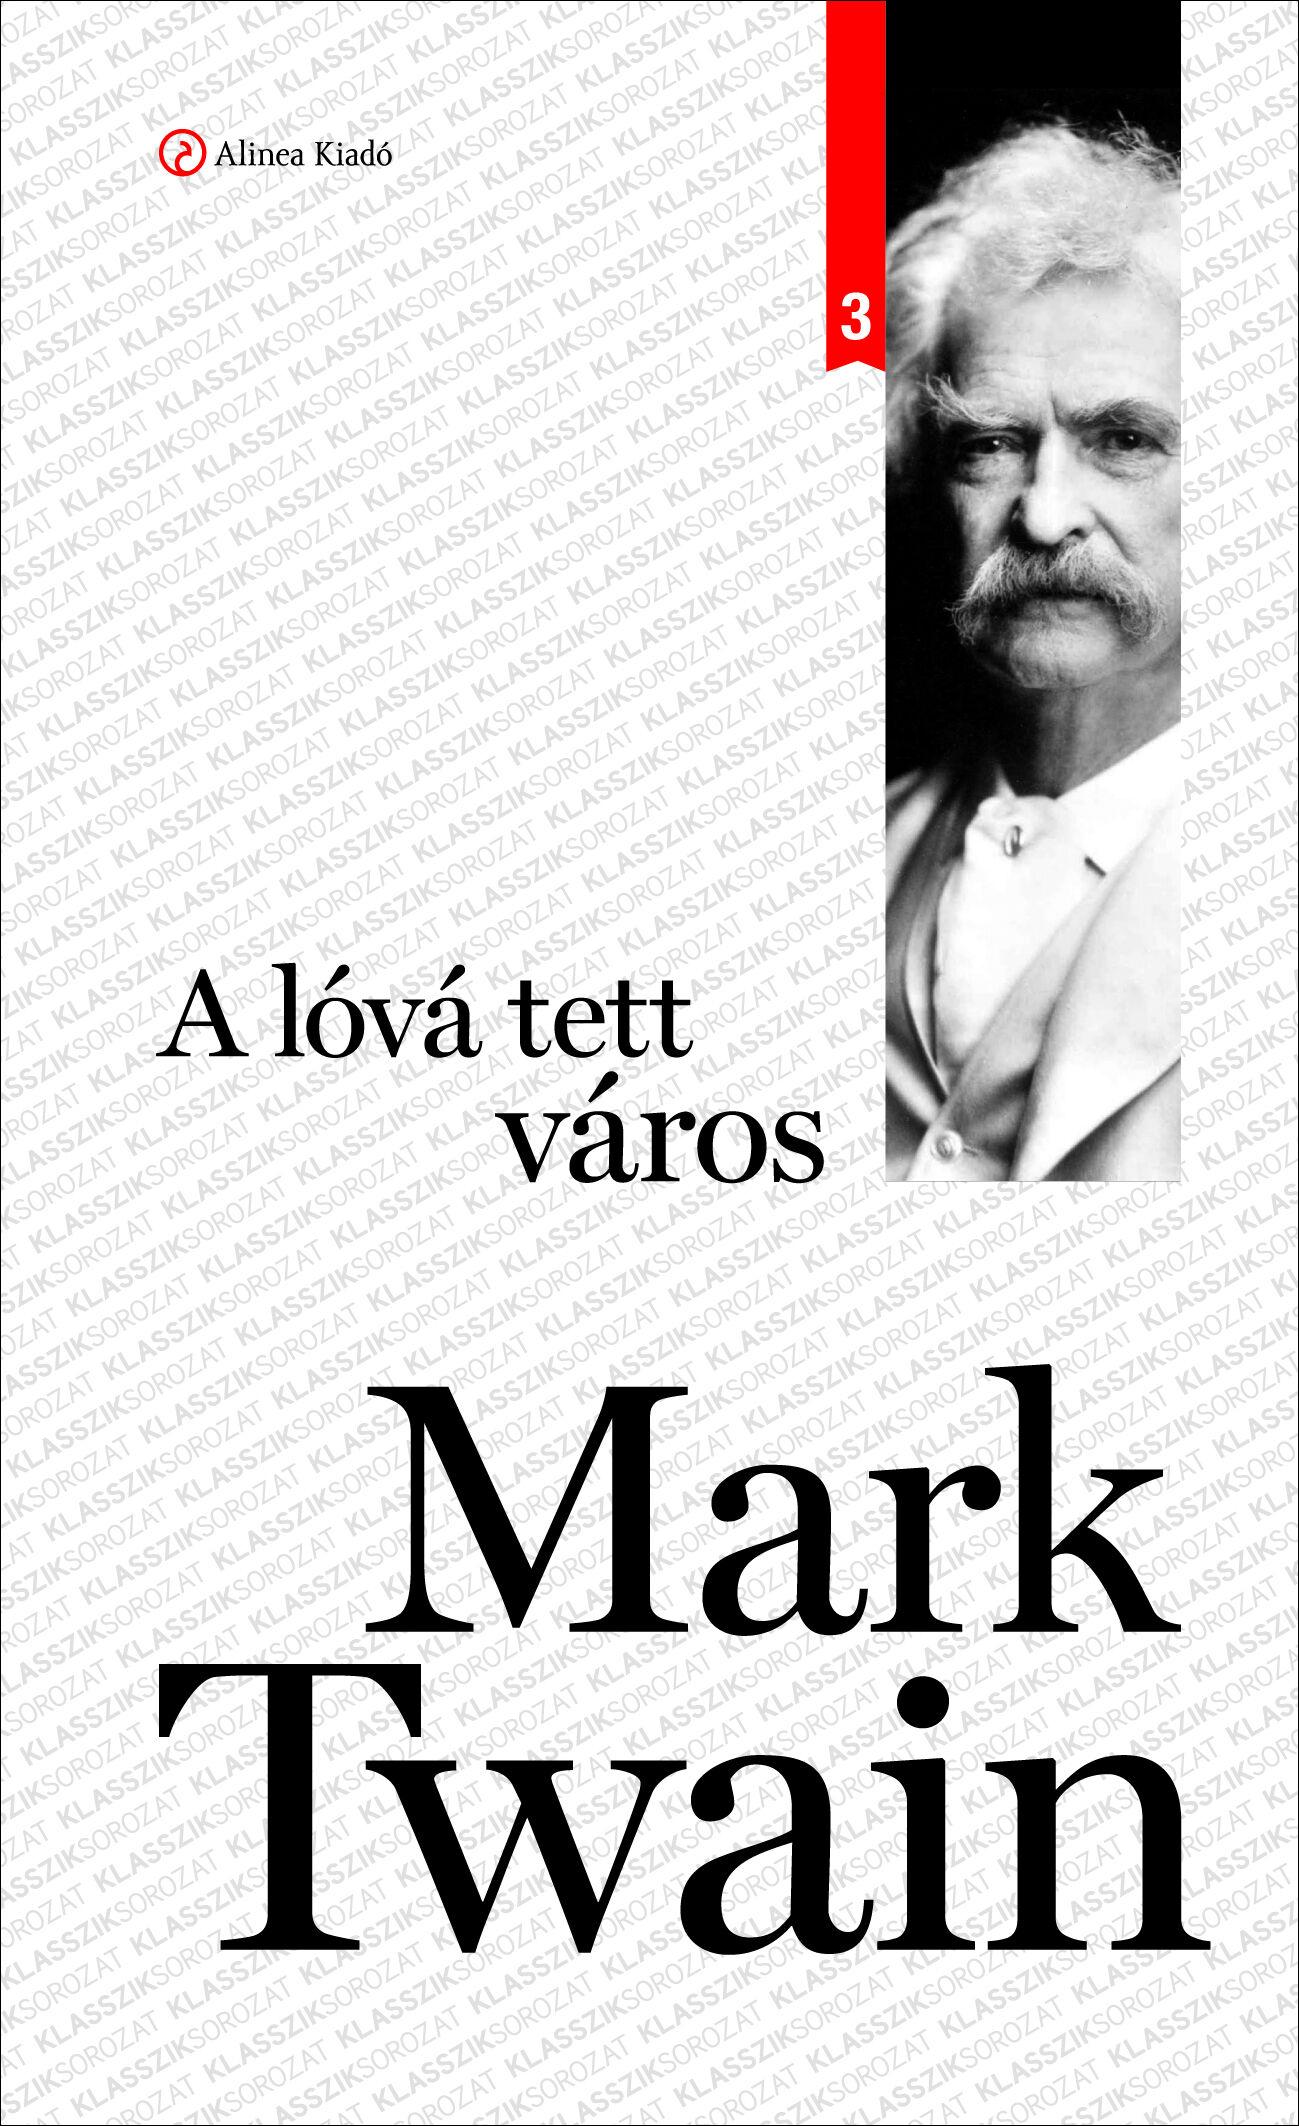 Mark Twain | A lóvá tett város